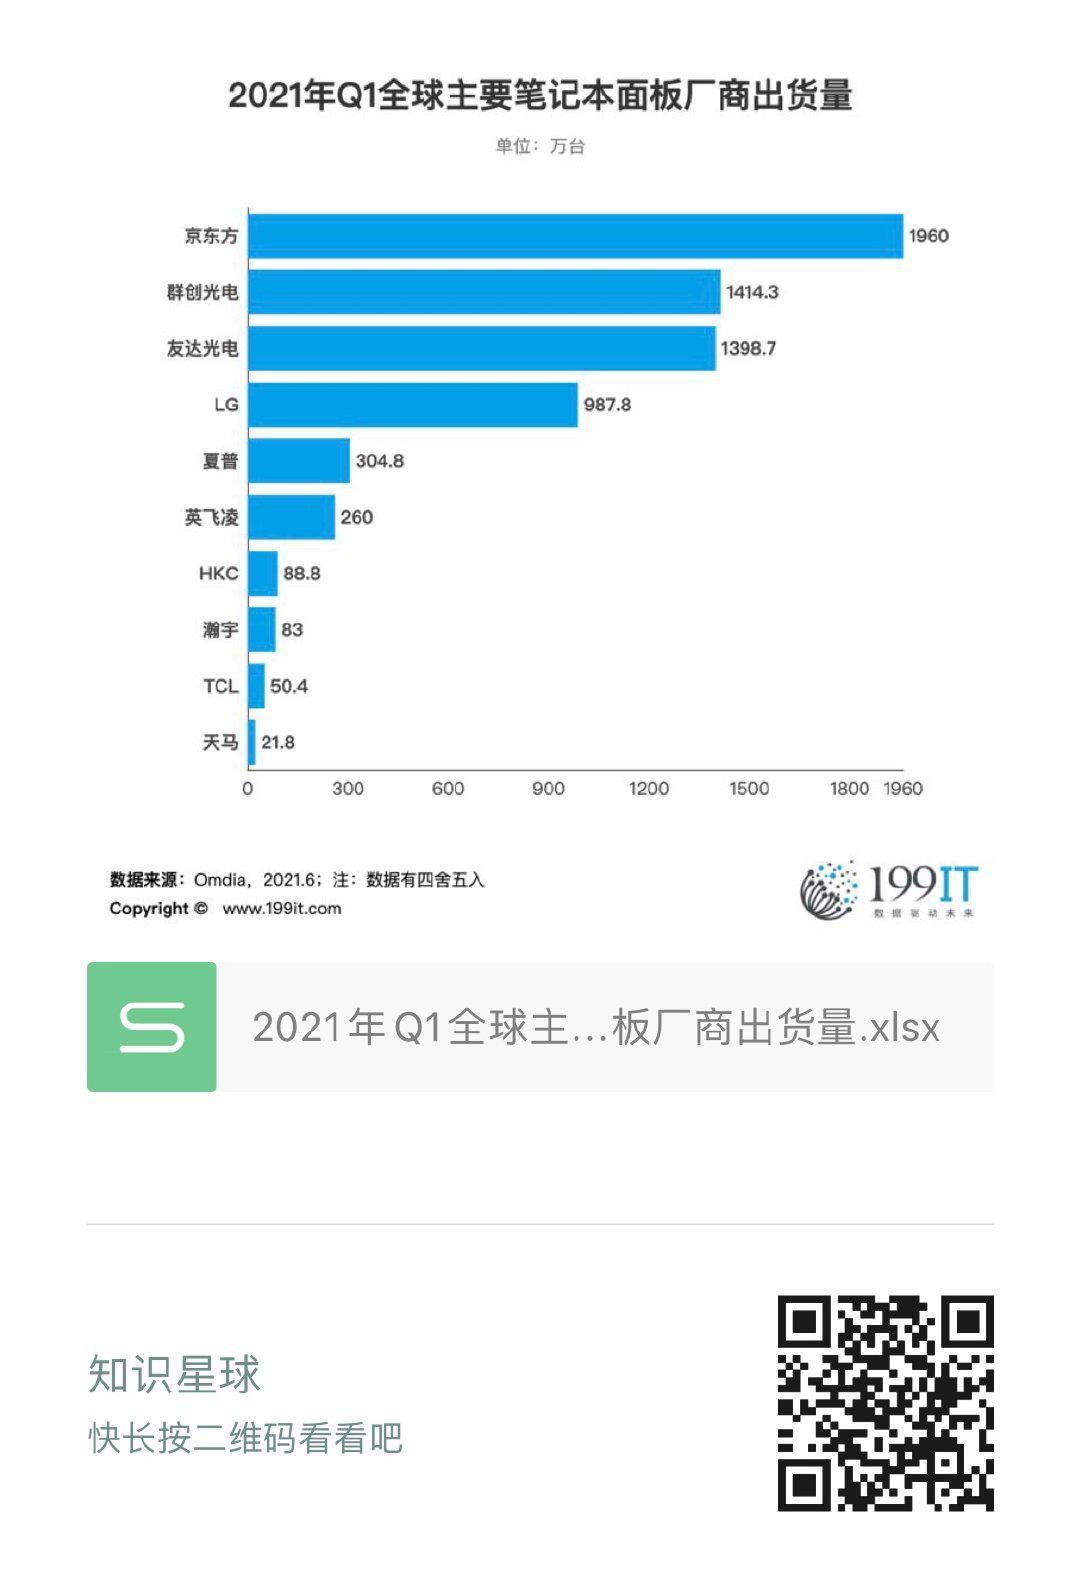 2021年Q1全球主要筆記本皮膚廠商出貨量(附原資料表) 